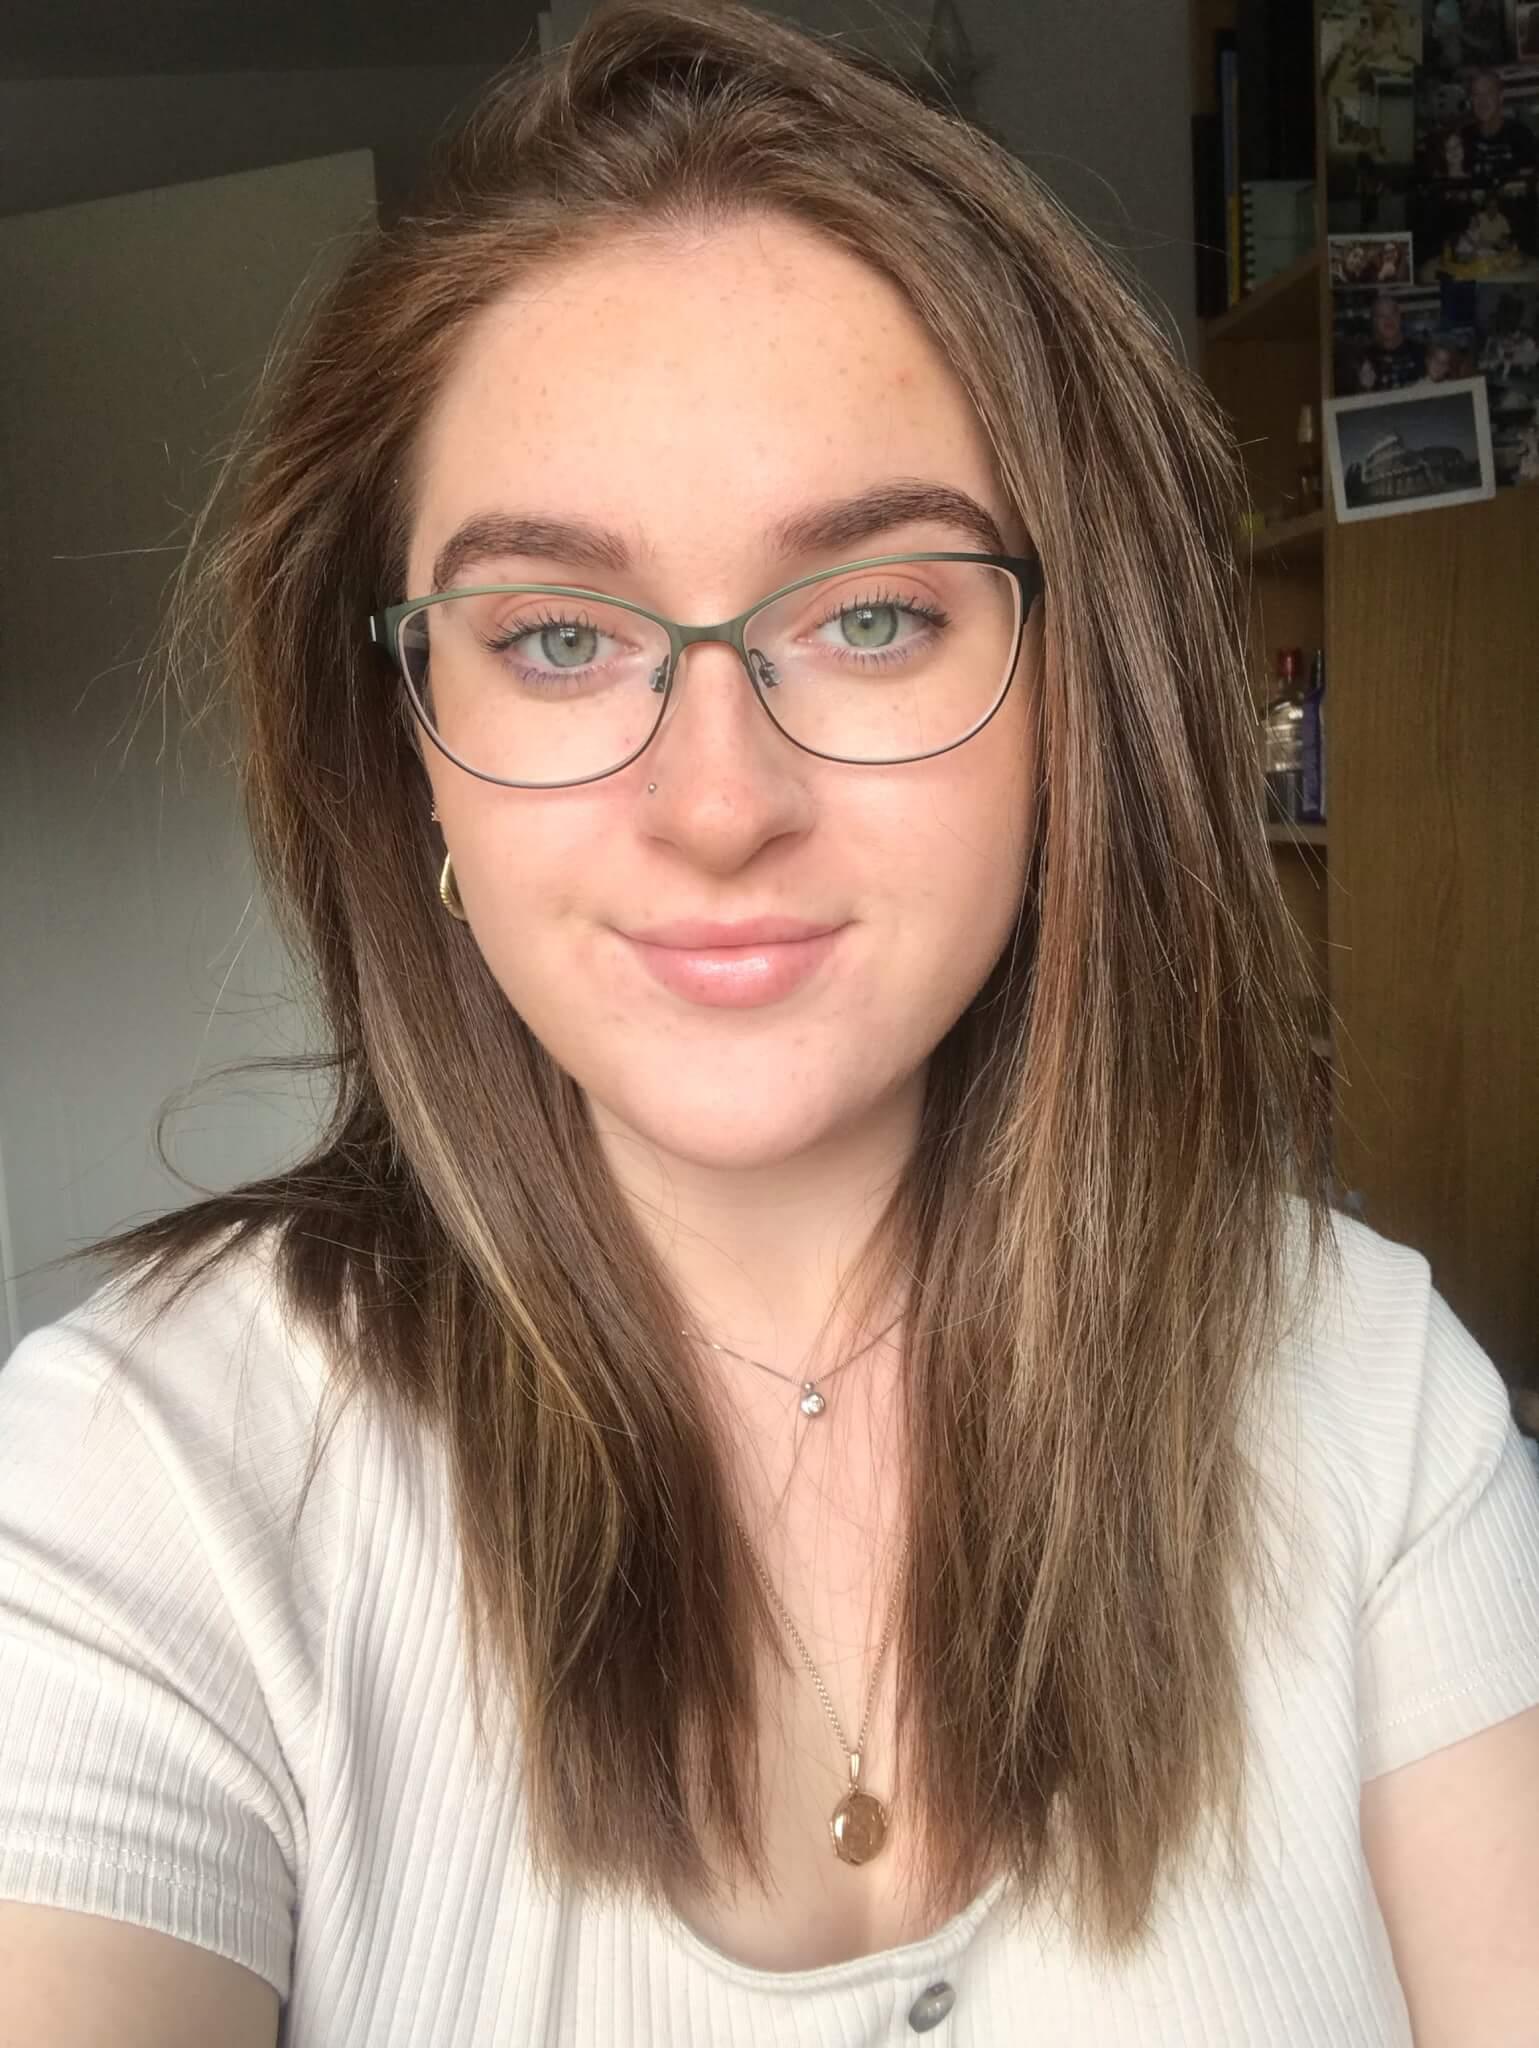 Emilia Hall's profile image